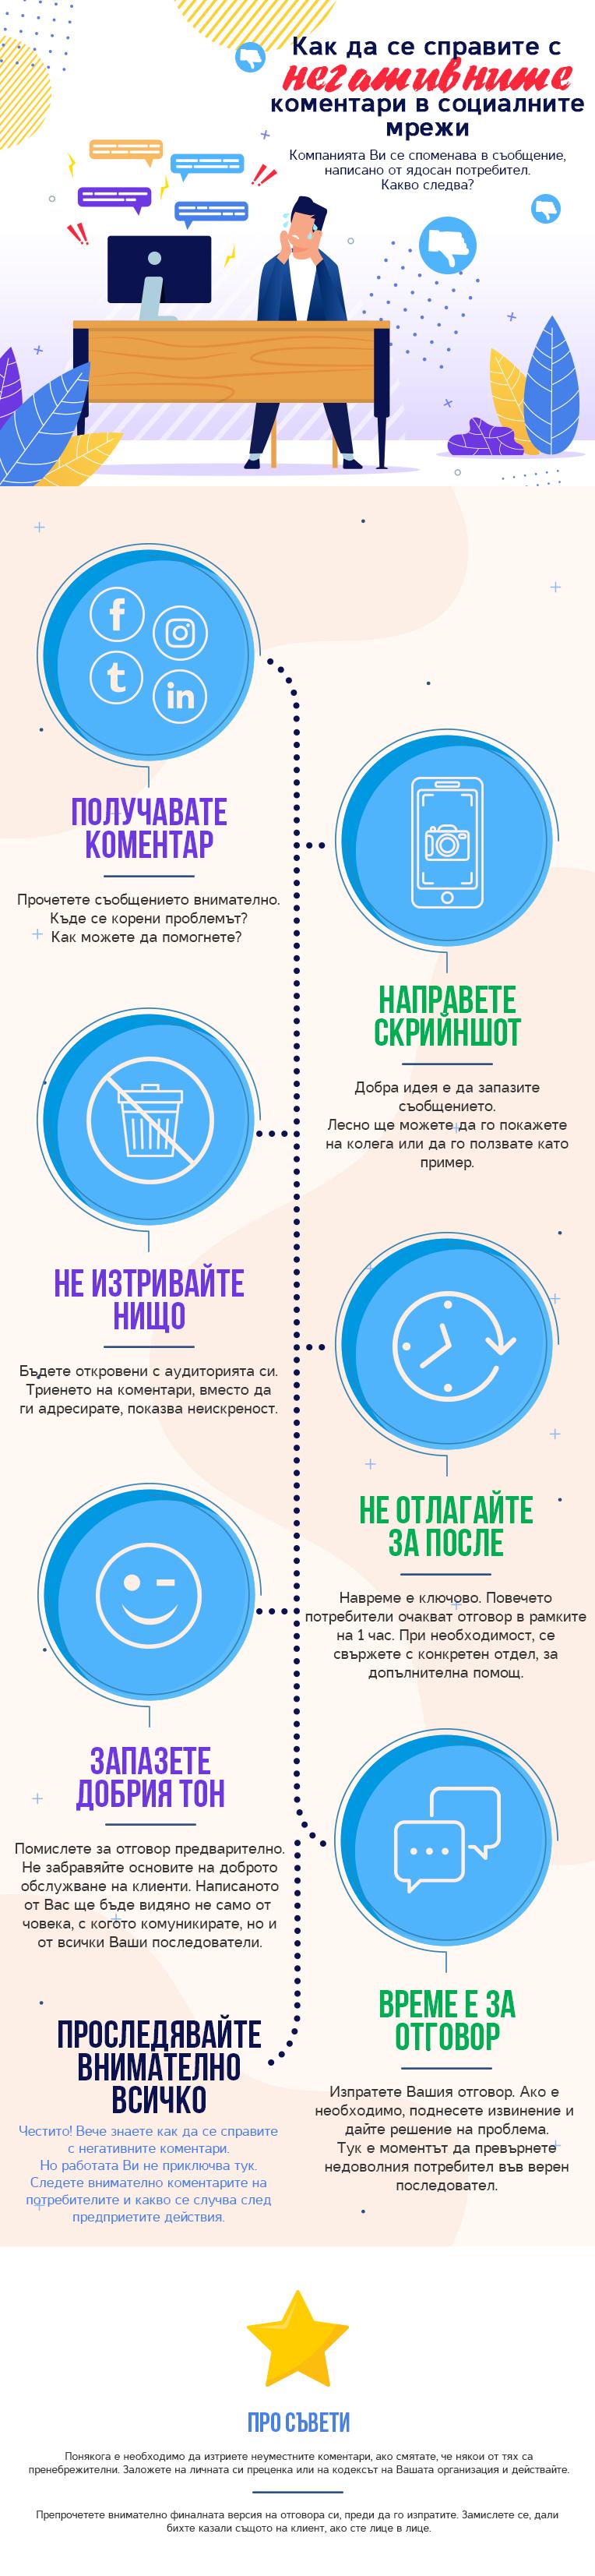 Инфографика за справяне с негативни коментари в социалните медии